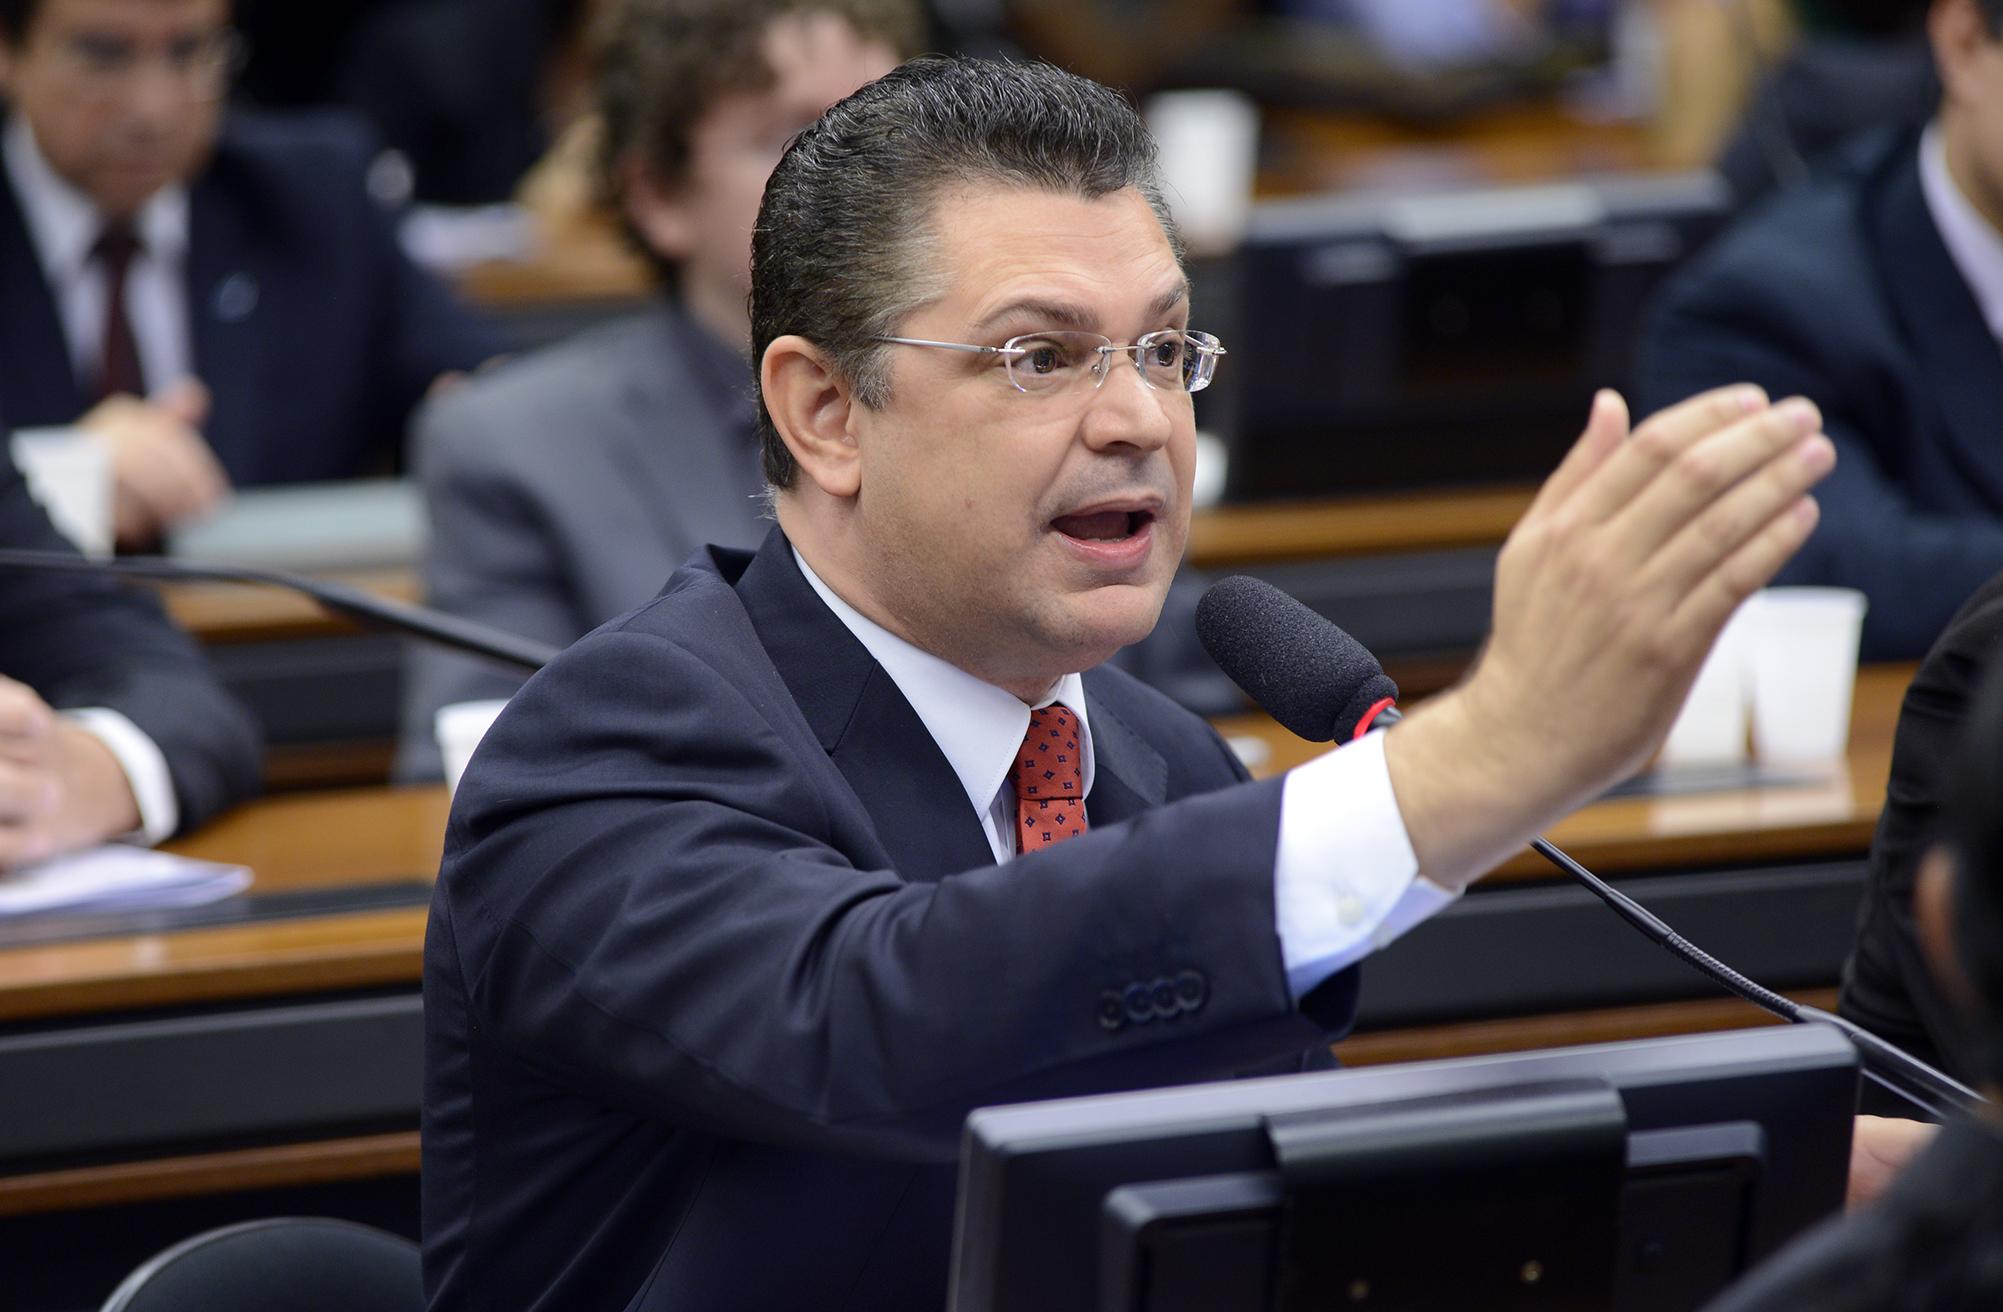 Audiência pública sobre o Projeto de Lei nº 1.775/2015, que dispõe sobre o Registro Civil Nacional (RCN). Dep. Sóstenes Cavalcante (PSD-RJ)